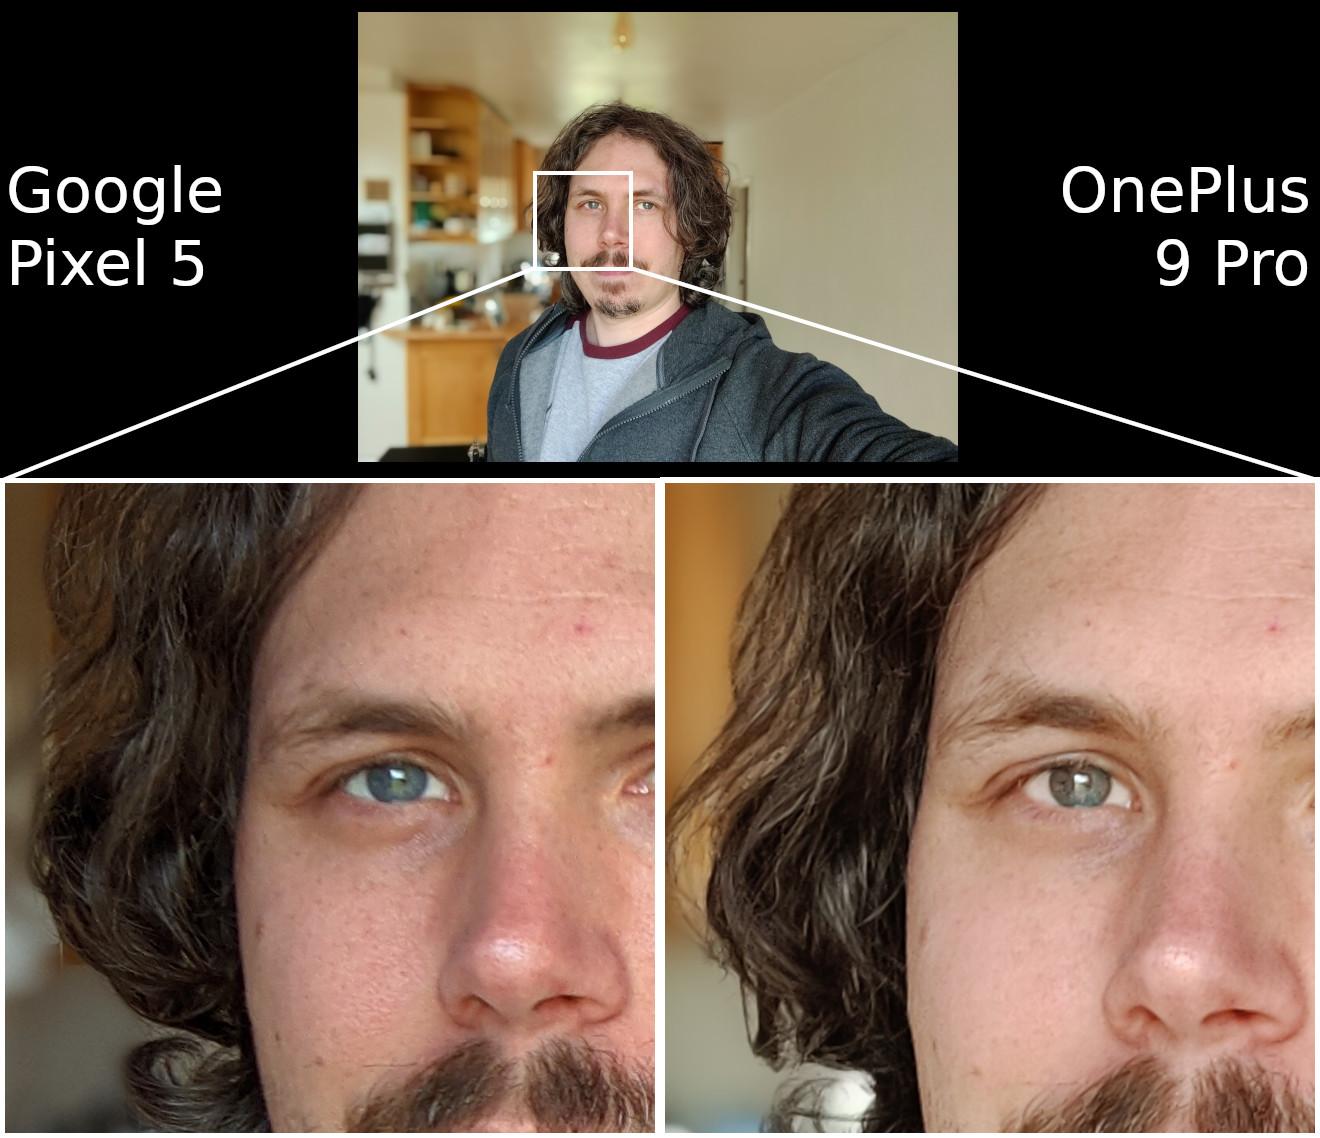 OnePlus 9 Pro vs Google Pixel 5 selfie